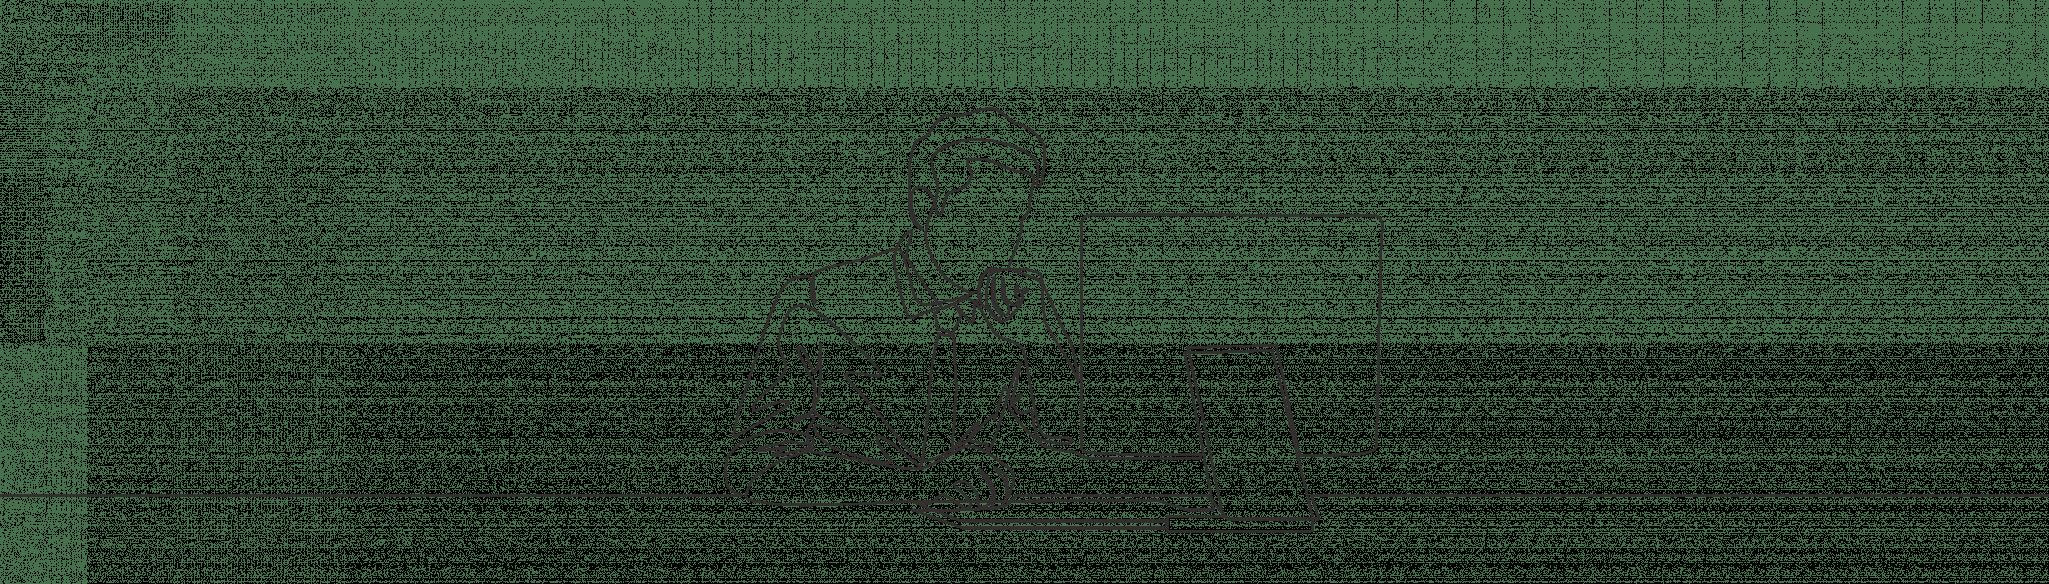 Assistance, dépannage informatique et réparation PC pour les particuliers